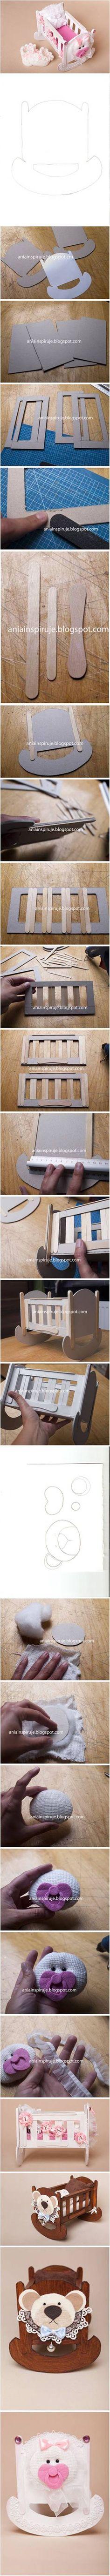 DIY Cartón cuna DIY Proyectos | UsefulDIY.com